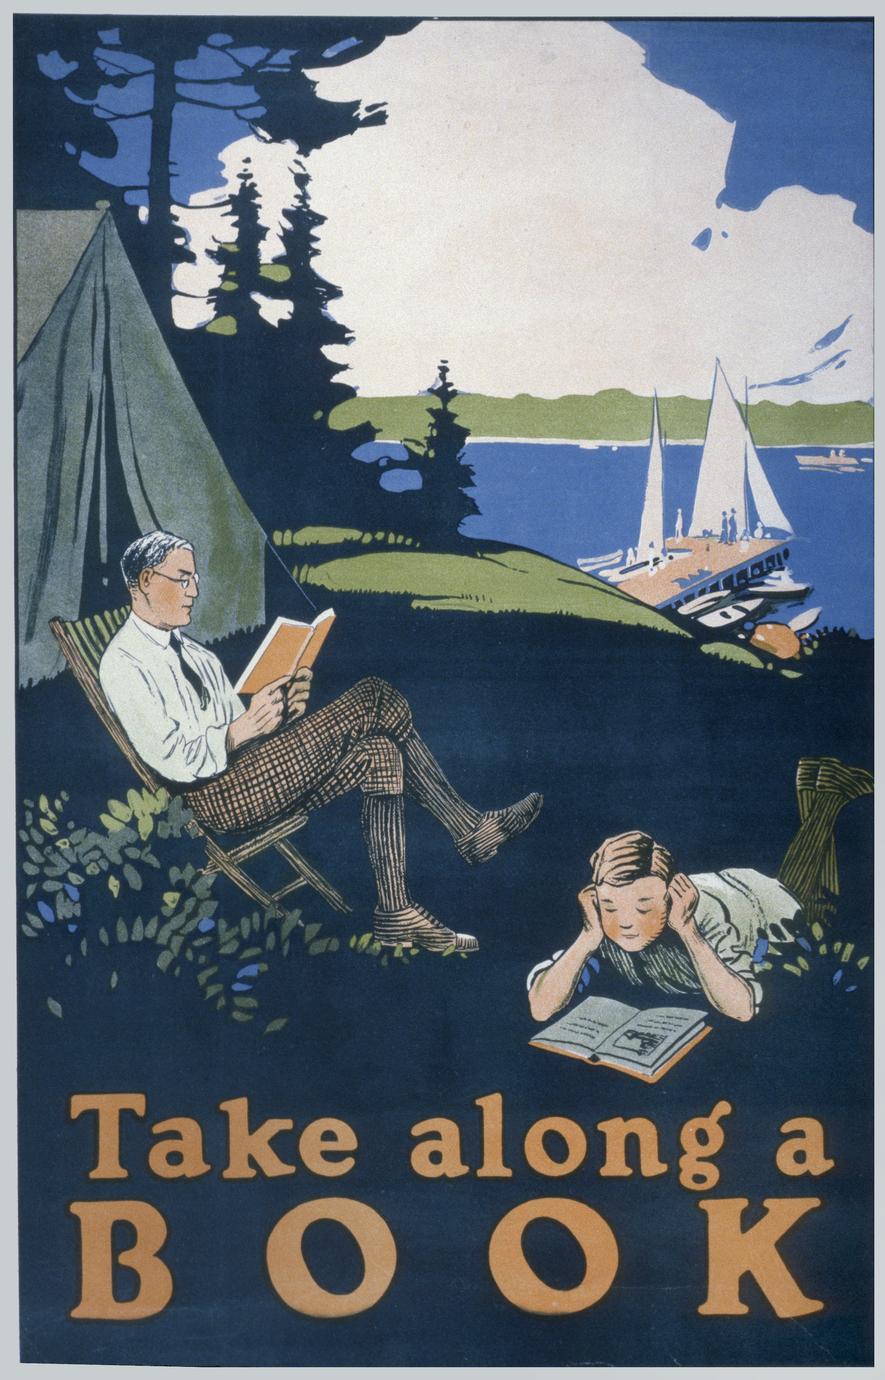 Take along a book